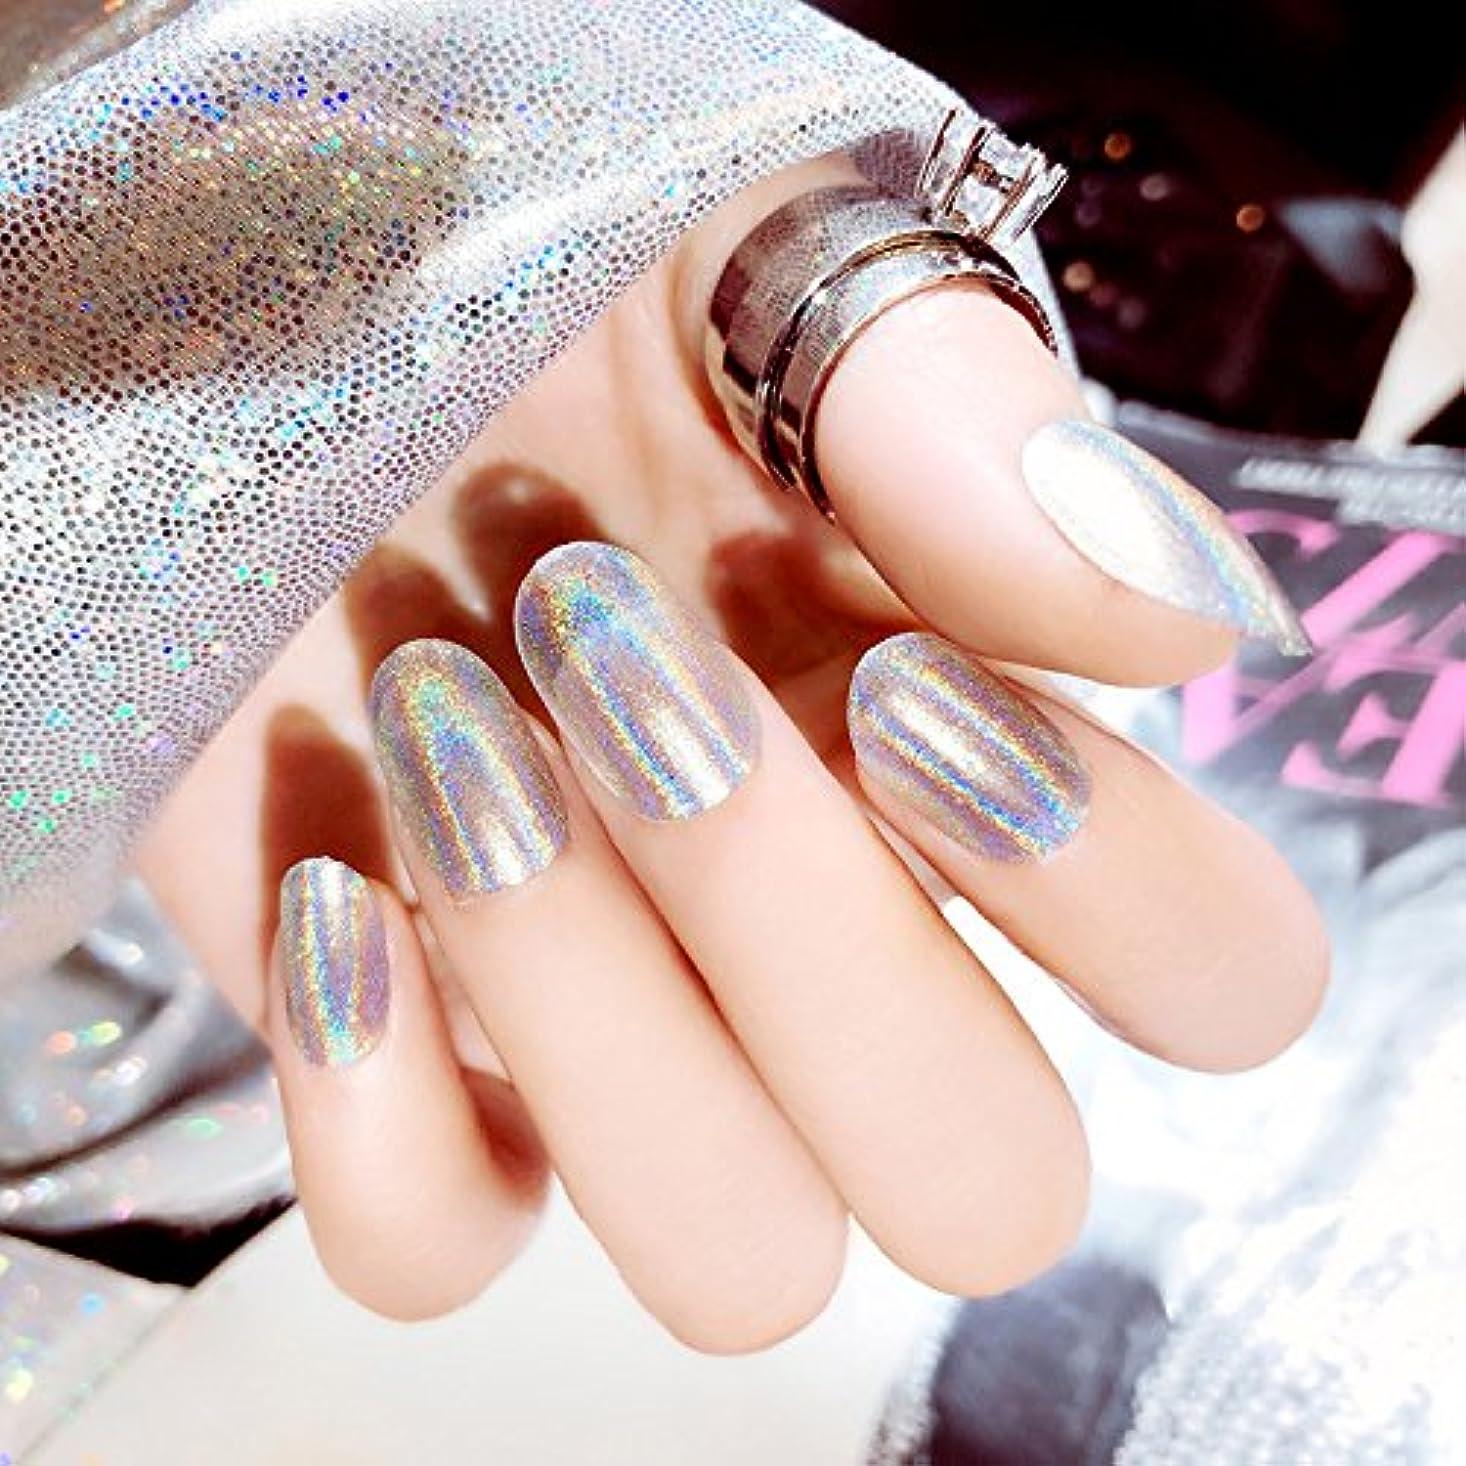 バレエキャッシュ観察質感 彩がつく 24枚純色付け爪 ネイル貼るだけネイルチップ レーザー 多重光沢 お花嫁付け爪 ジェルネイルの光疗法 シンフォニー (輝くシルバー)